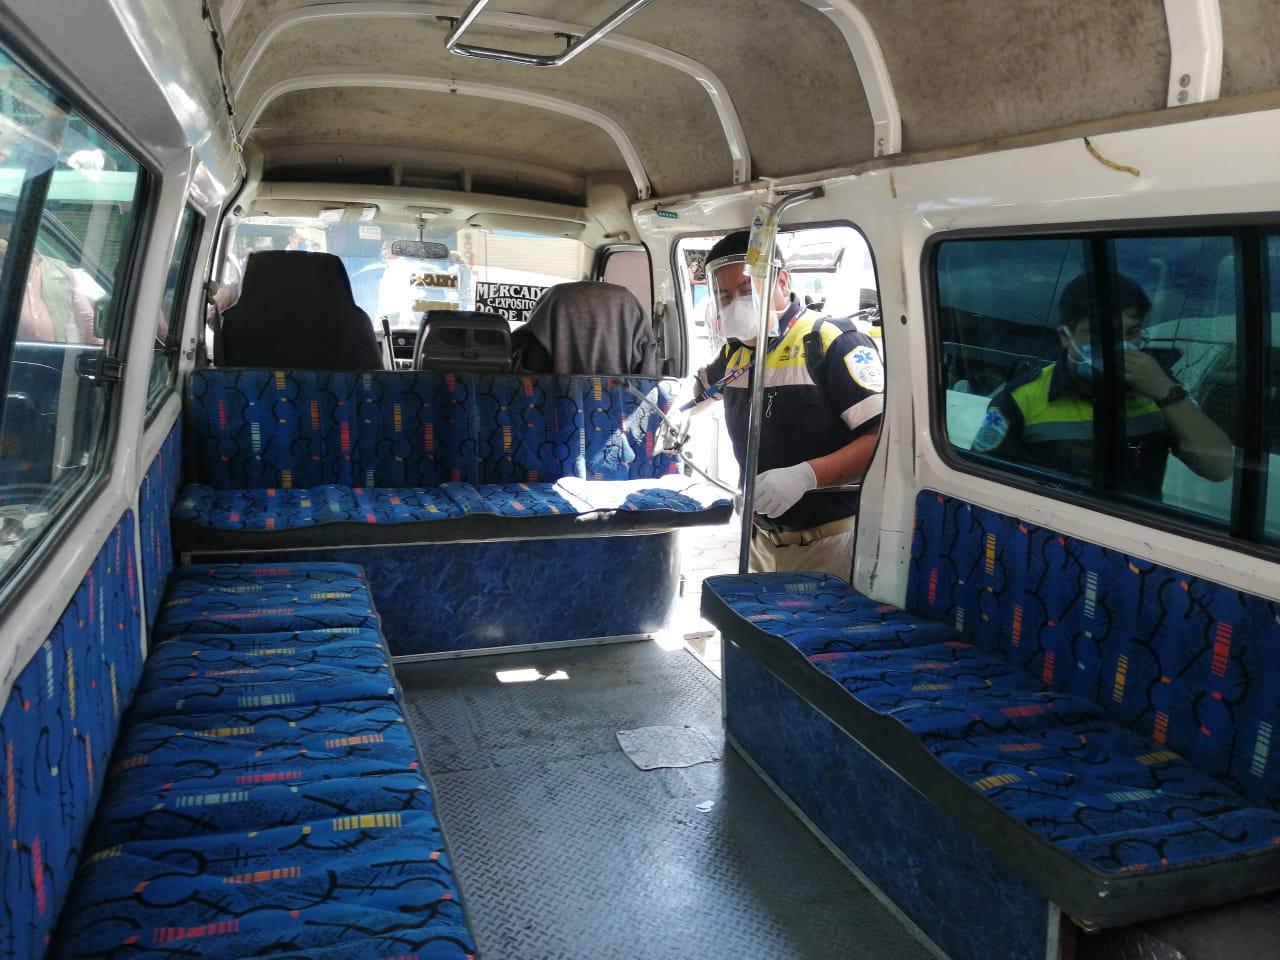 Garantizan transporte seguro con jornadas de sanitización en transporte público en Totolac